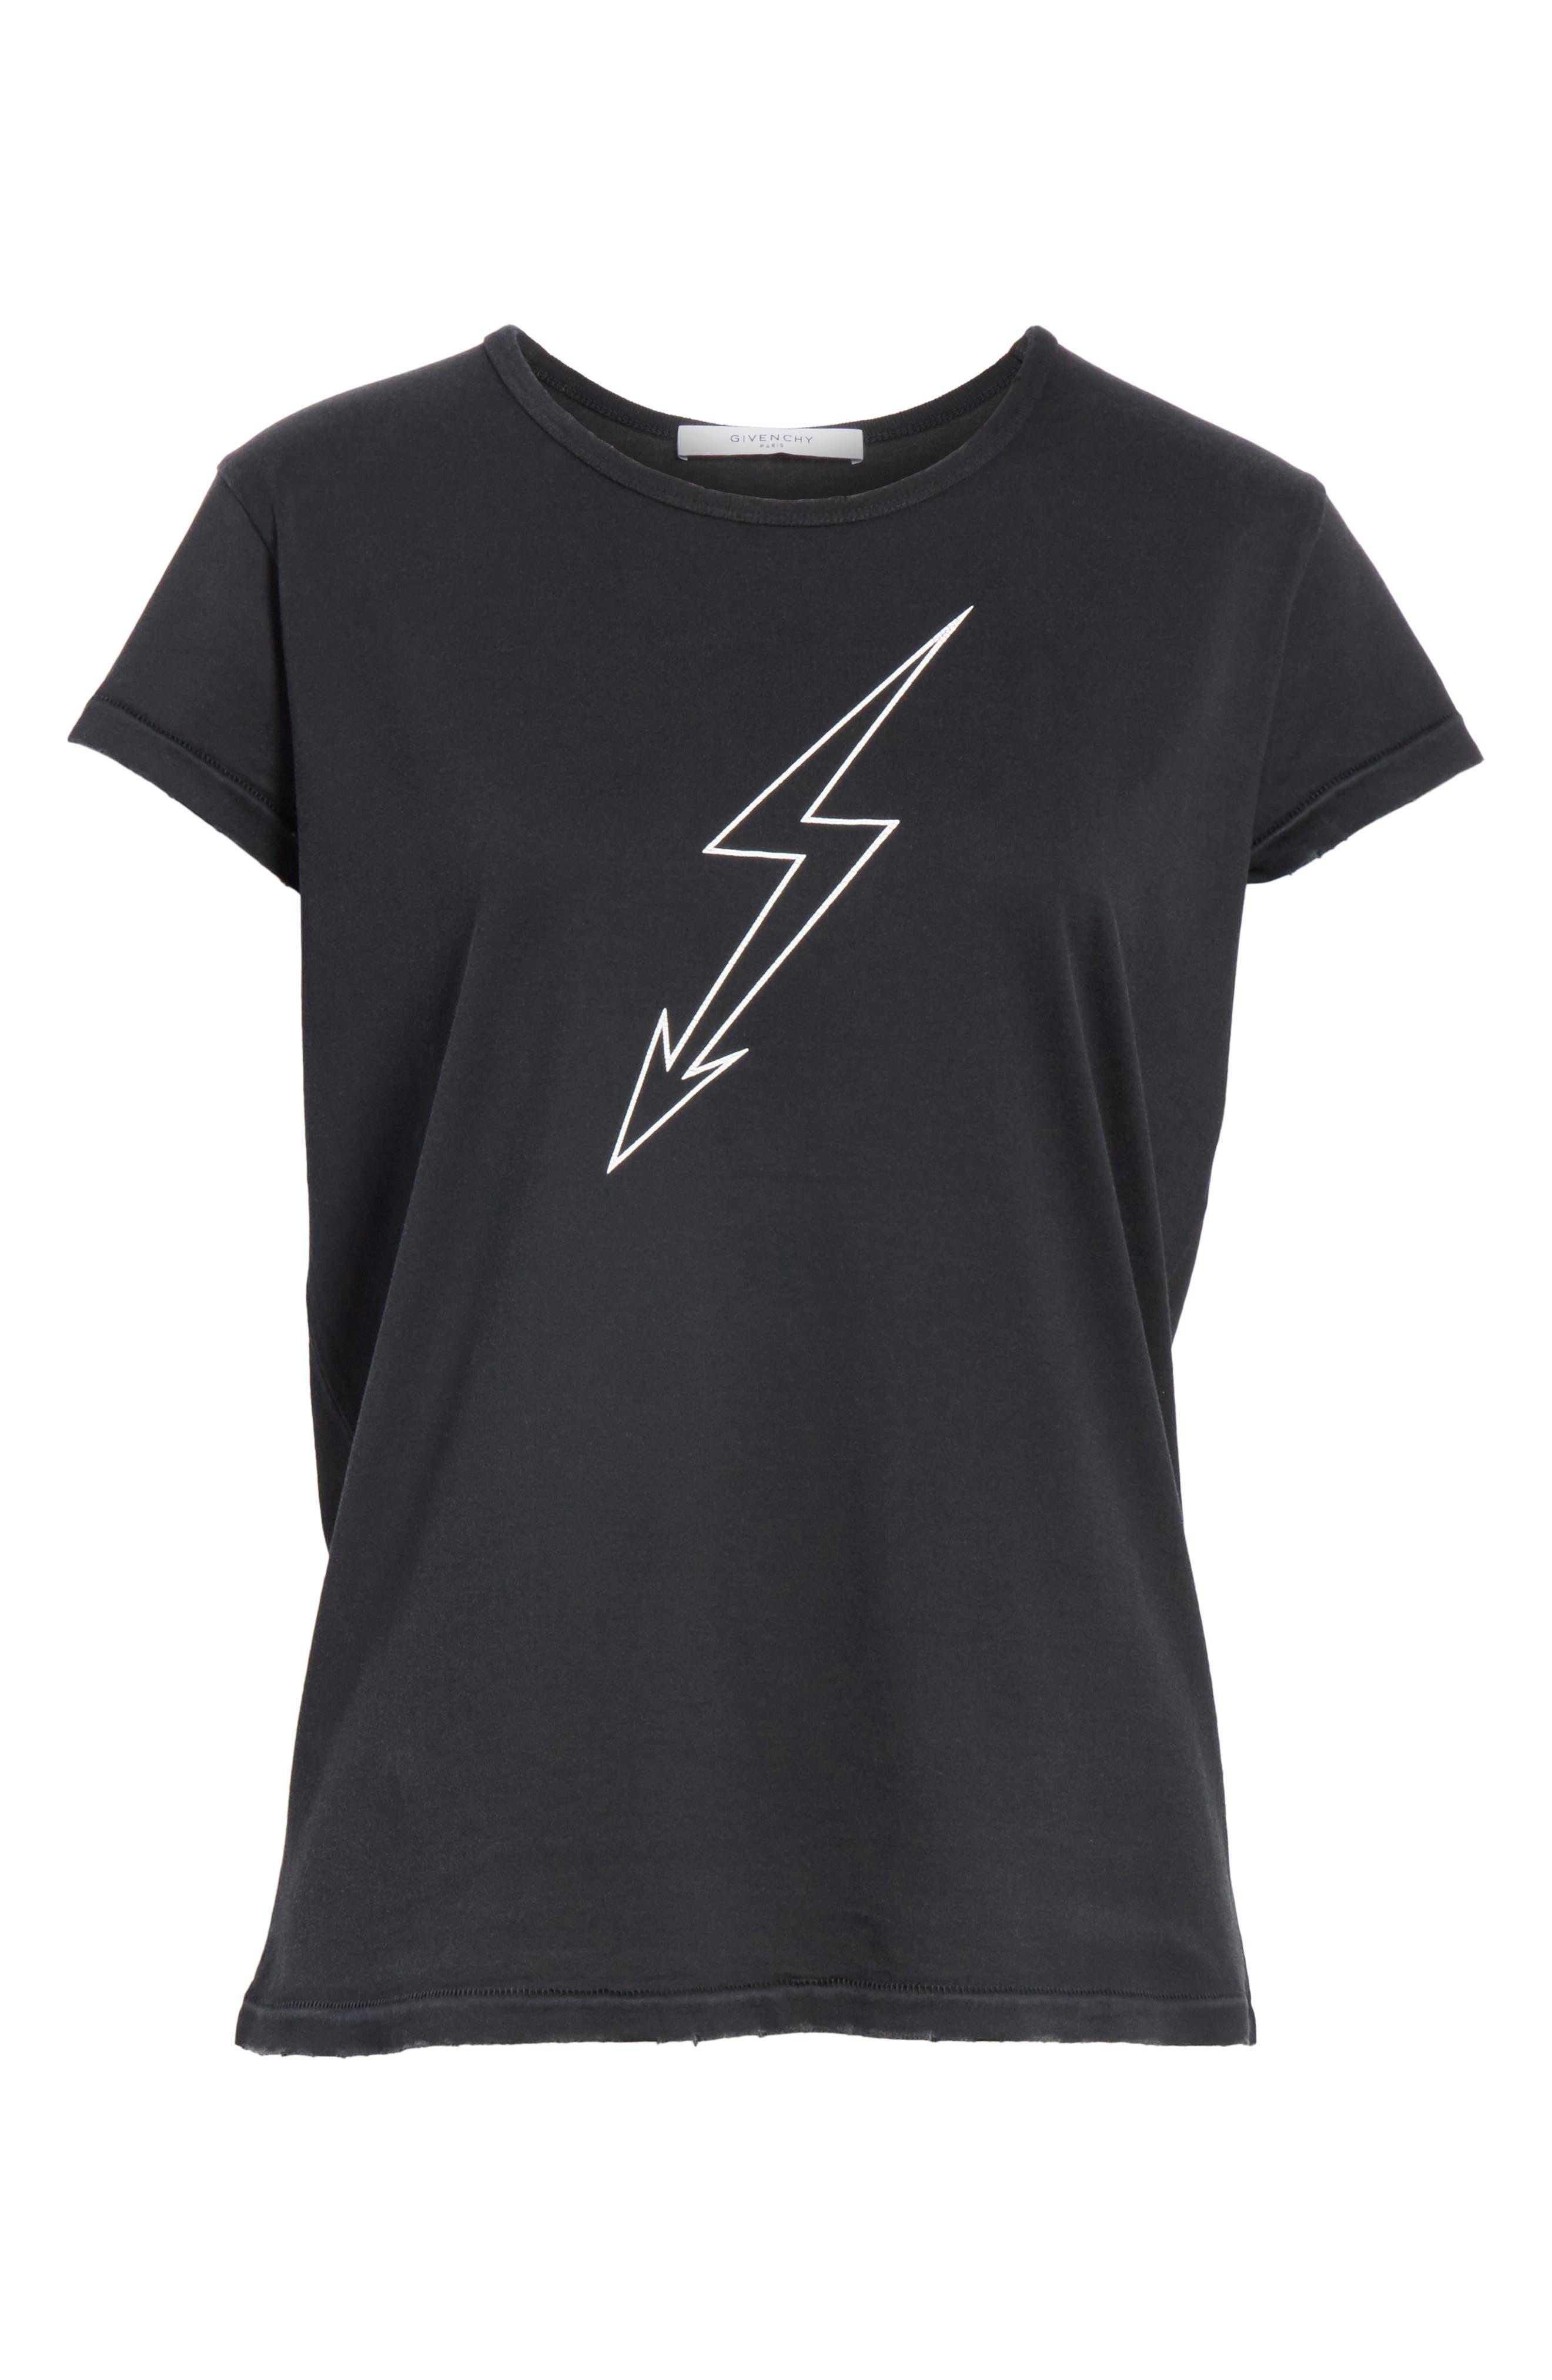 Lightning Bolt Graphic Tee,                             Alternate thumbnail 6, color,                             Black